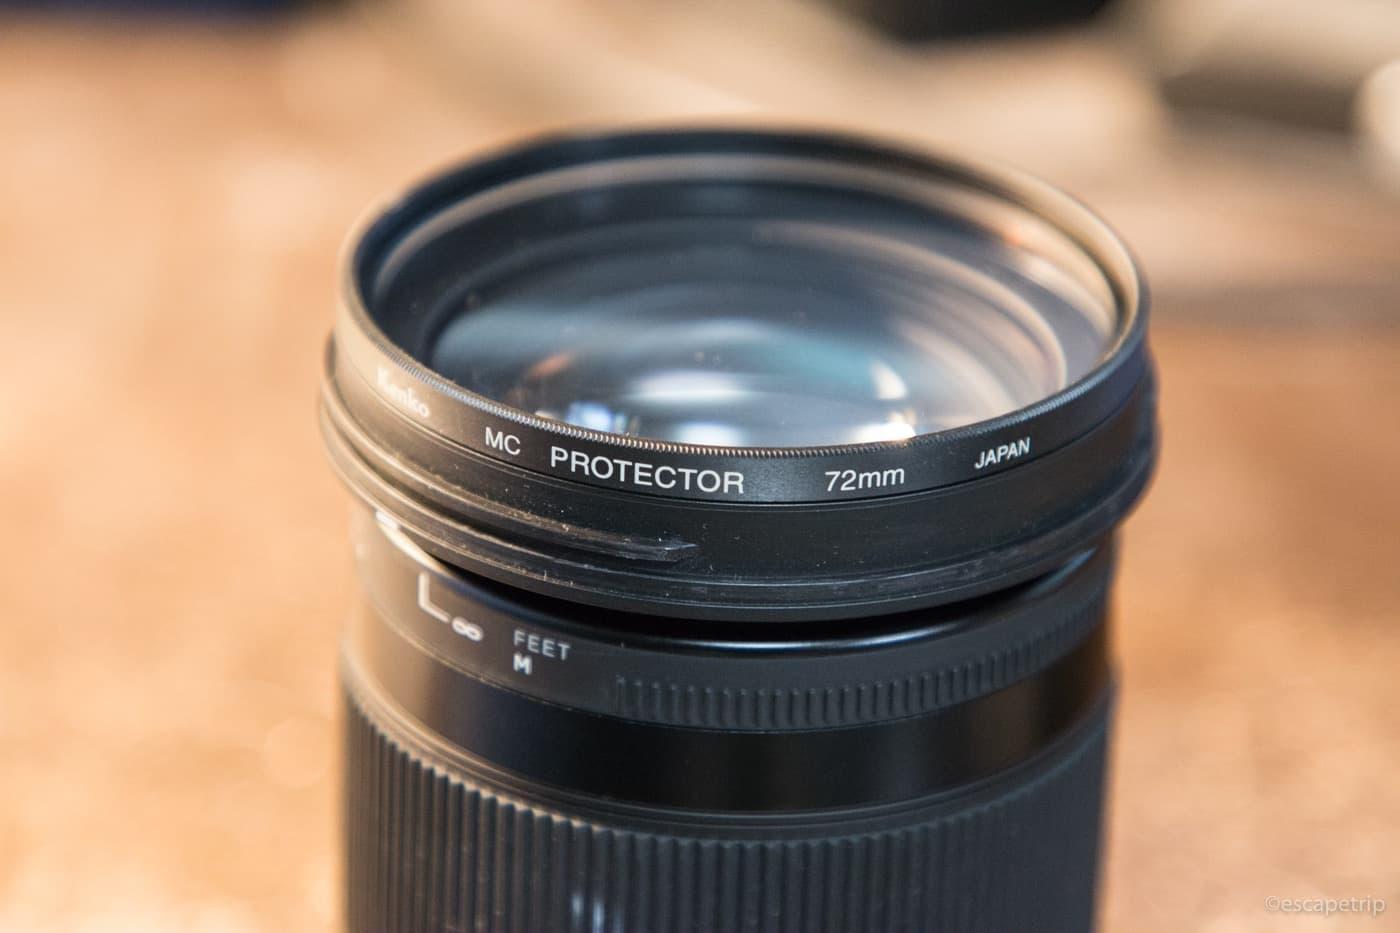 シグマ18-300mmのフィルター経は72mm